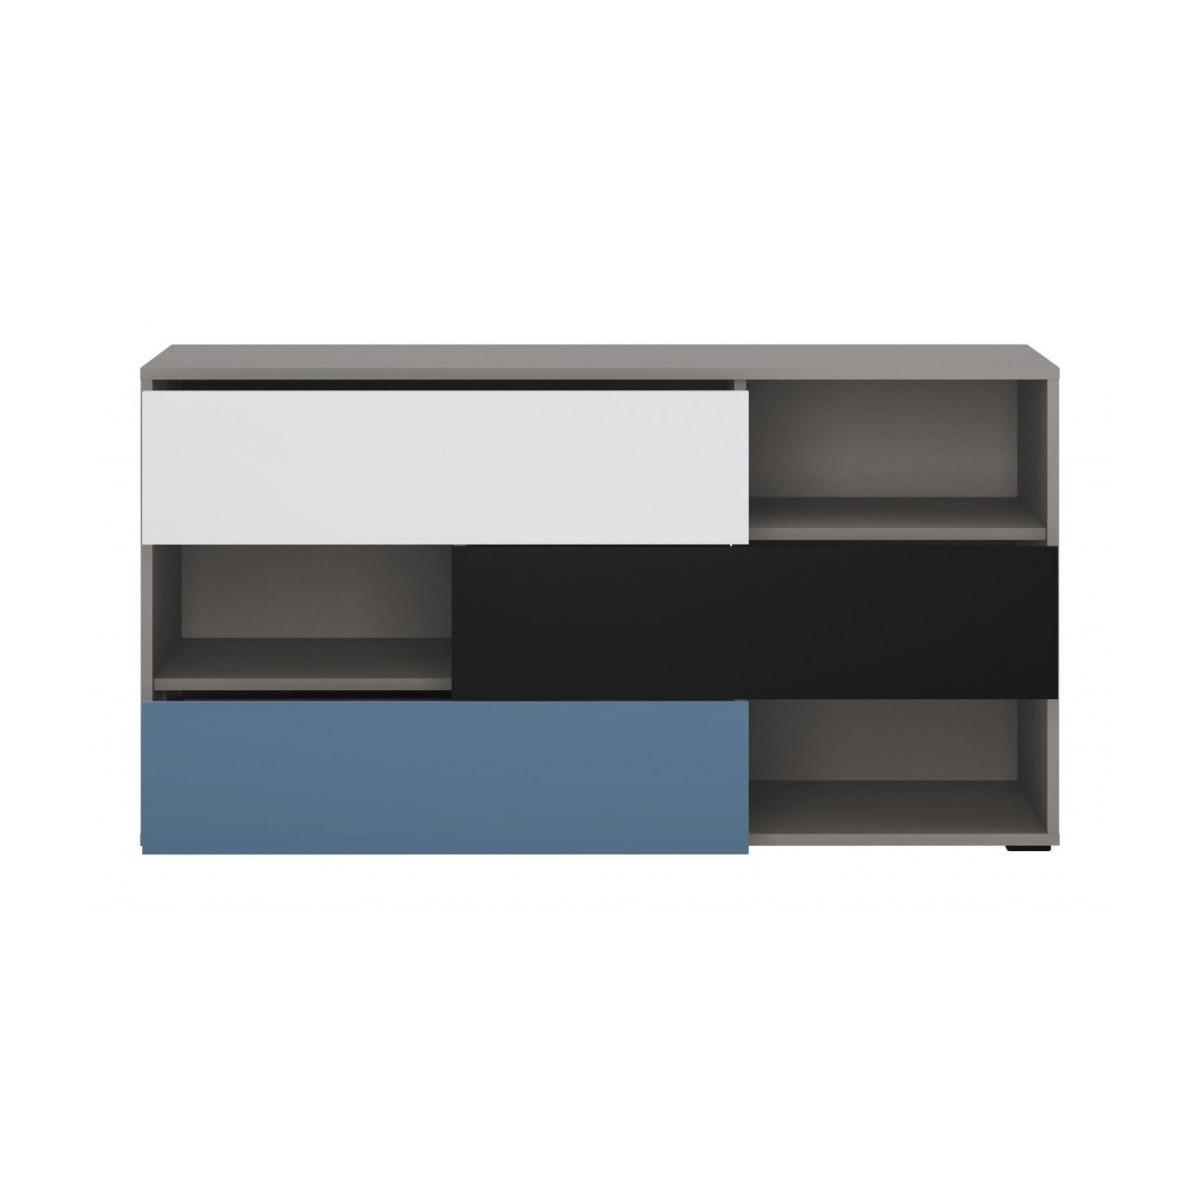 Komoda do pokoju młodzieżowego szary platynowy, czarna perła / biała alpejska Laser LASK01